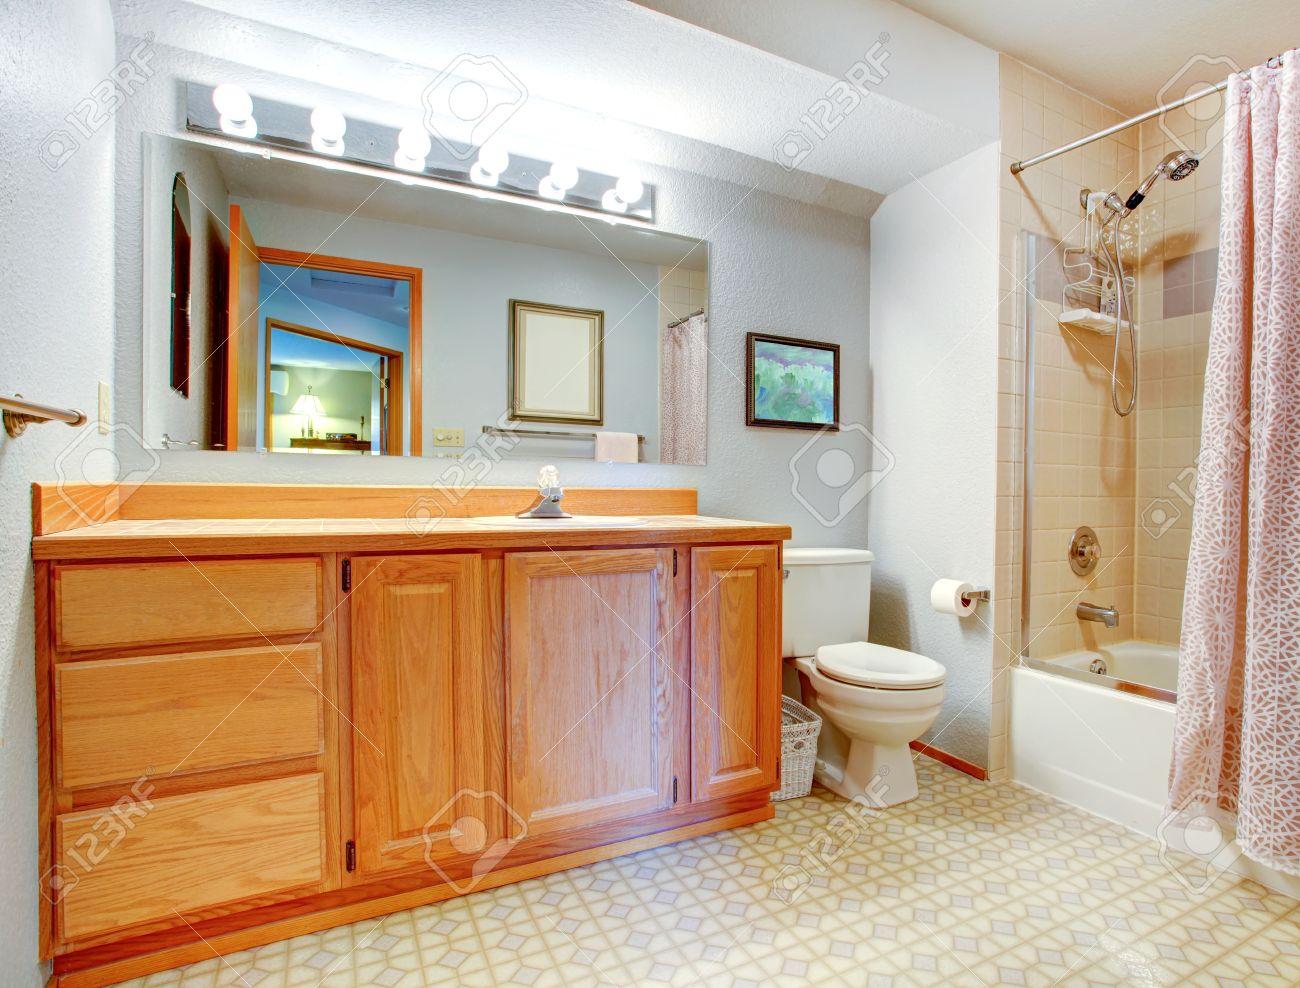 Vasca Da Bagno Rosa : Bagno con vanità di legno vasca da bagno con finiture muro di